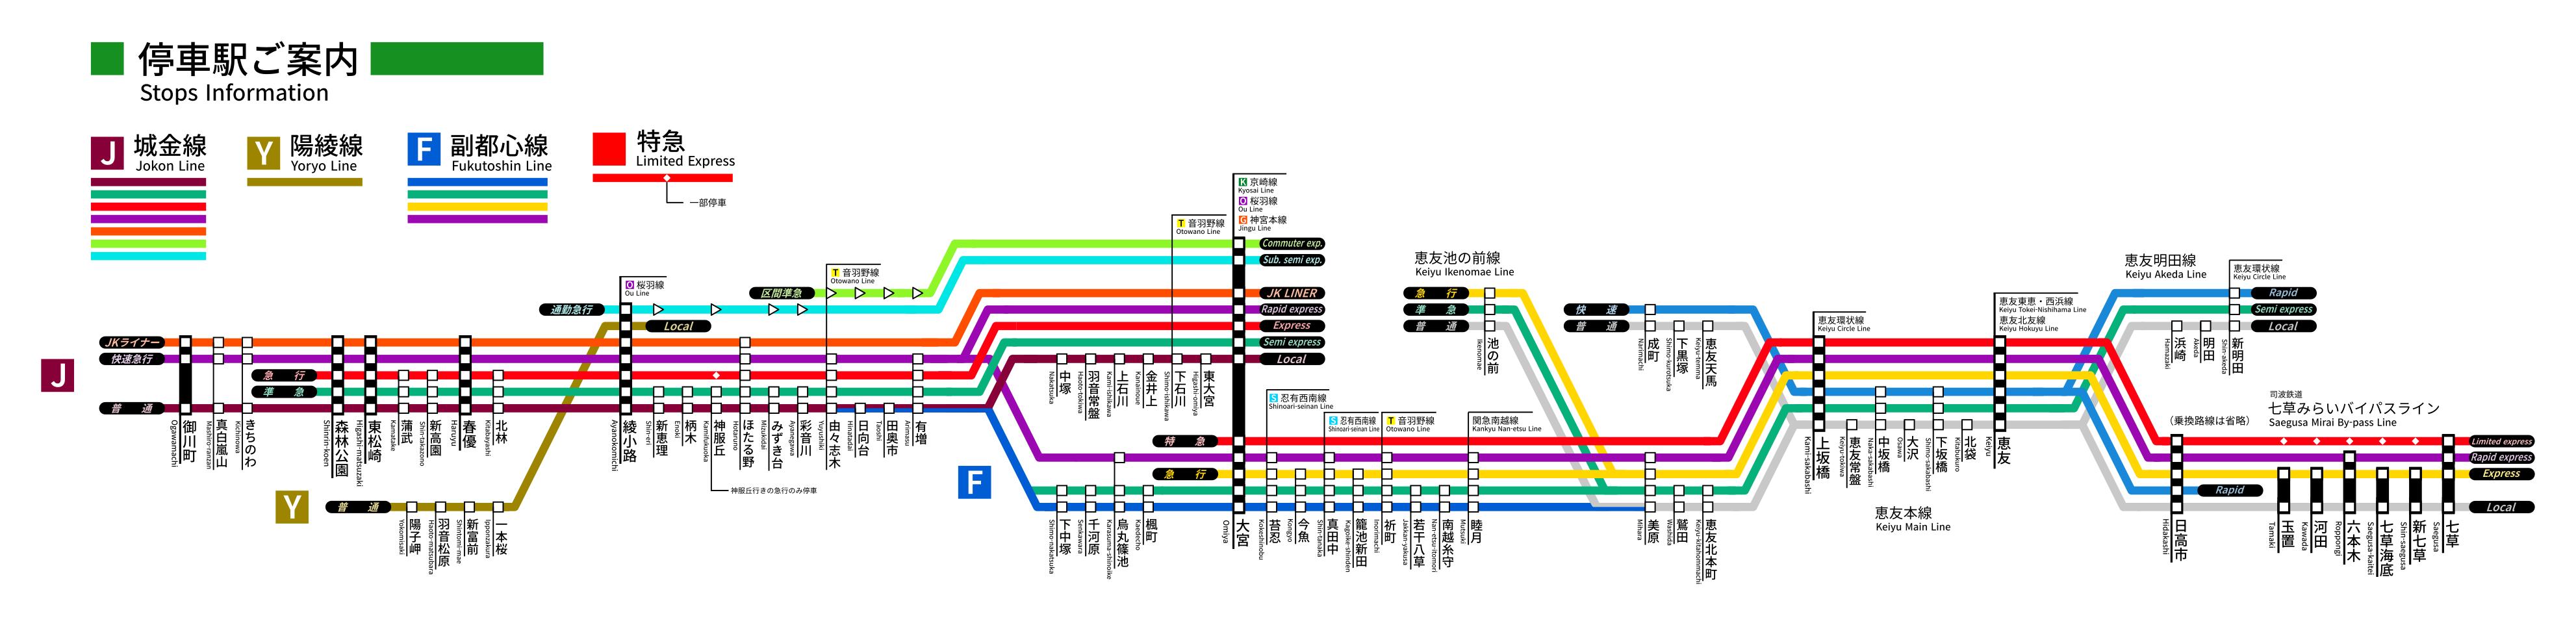 12話路線図(城金線系統)wiki.png